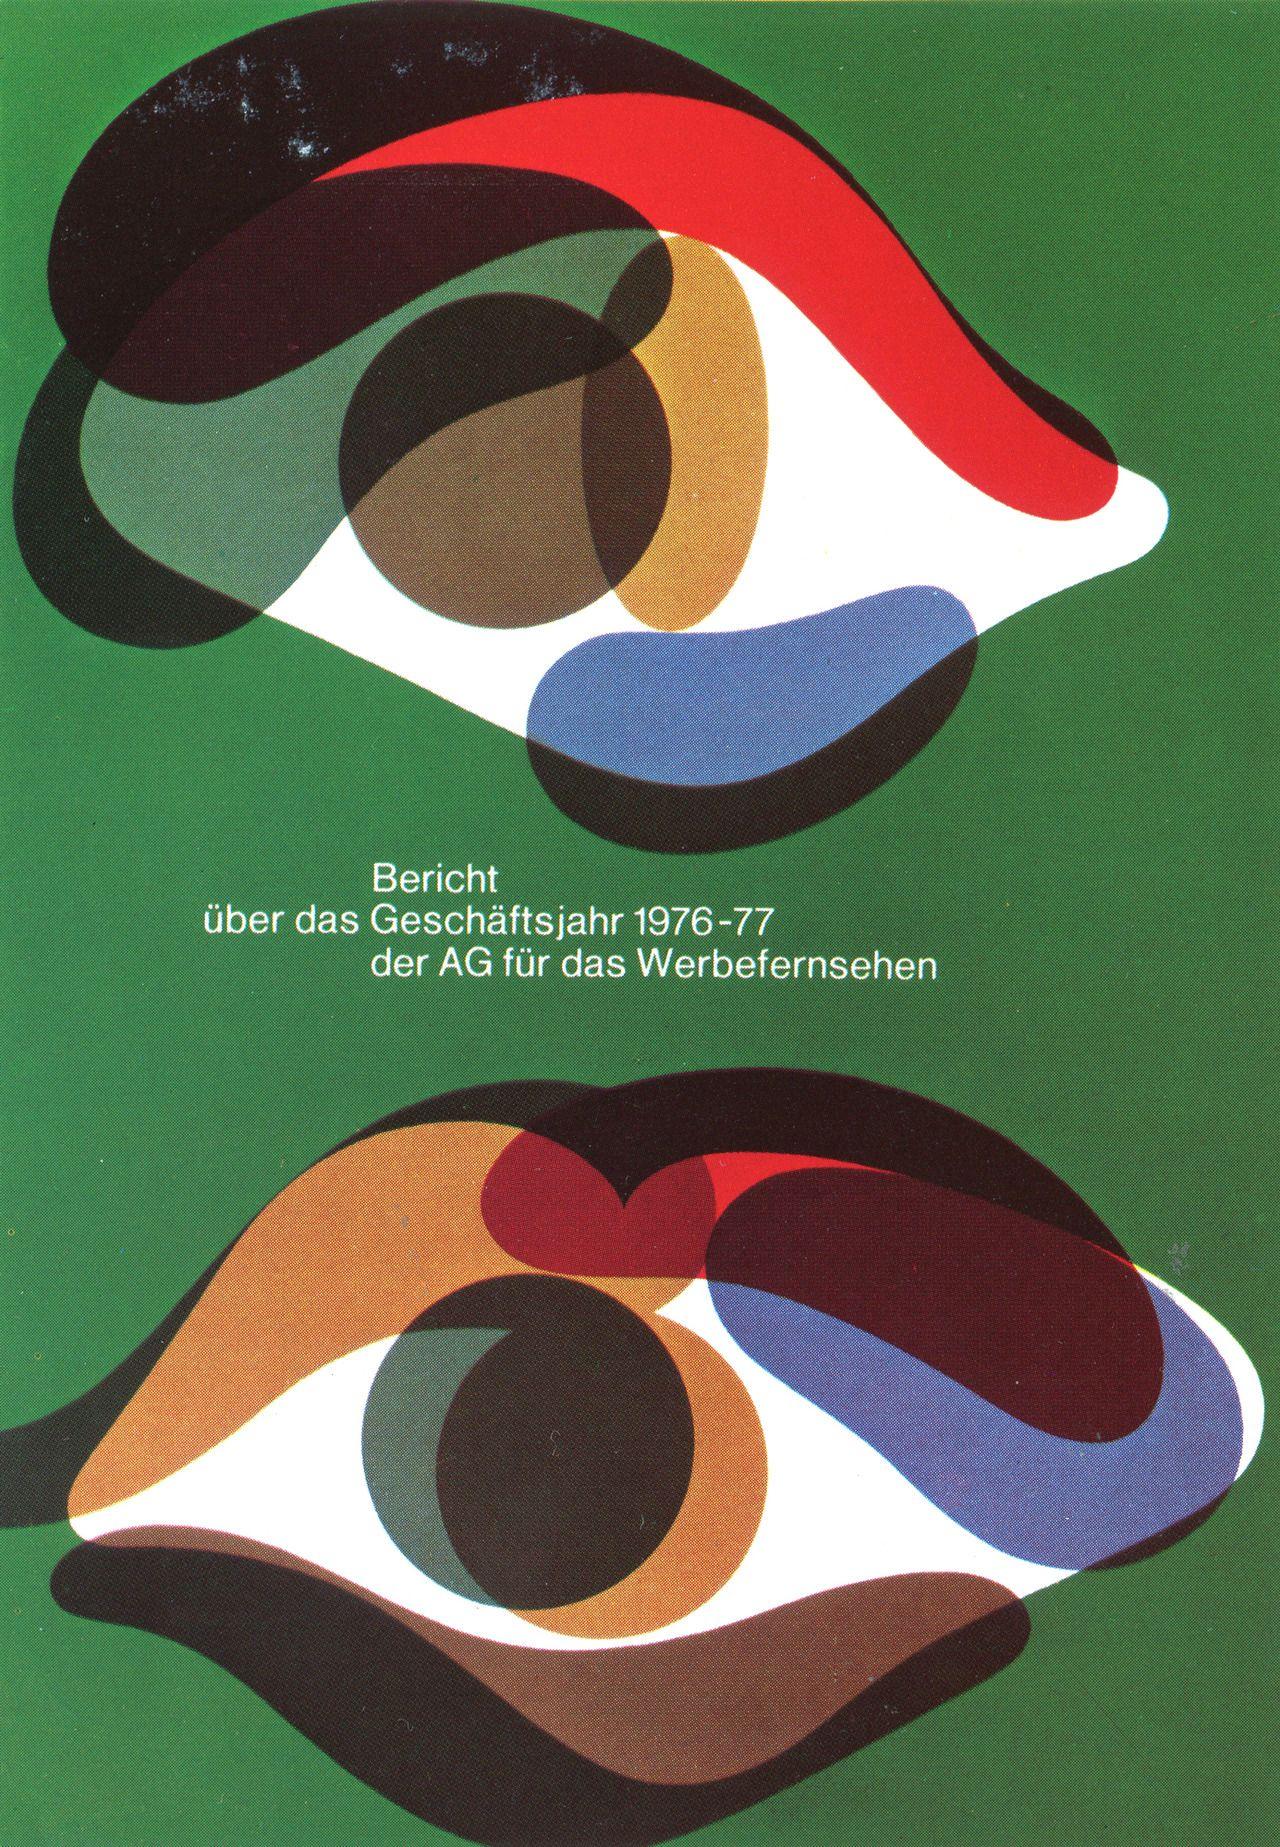 by Kurt Wirth (1977)